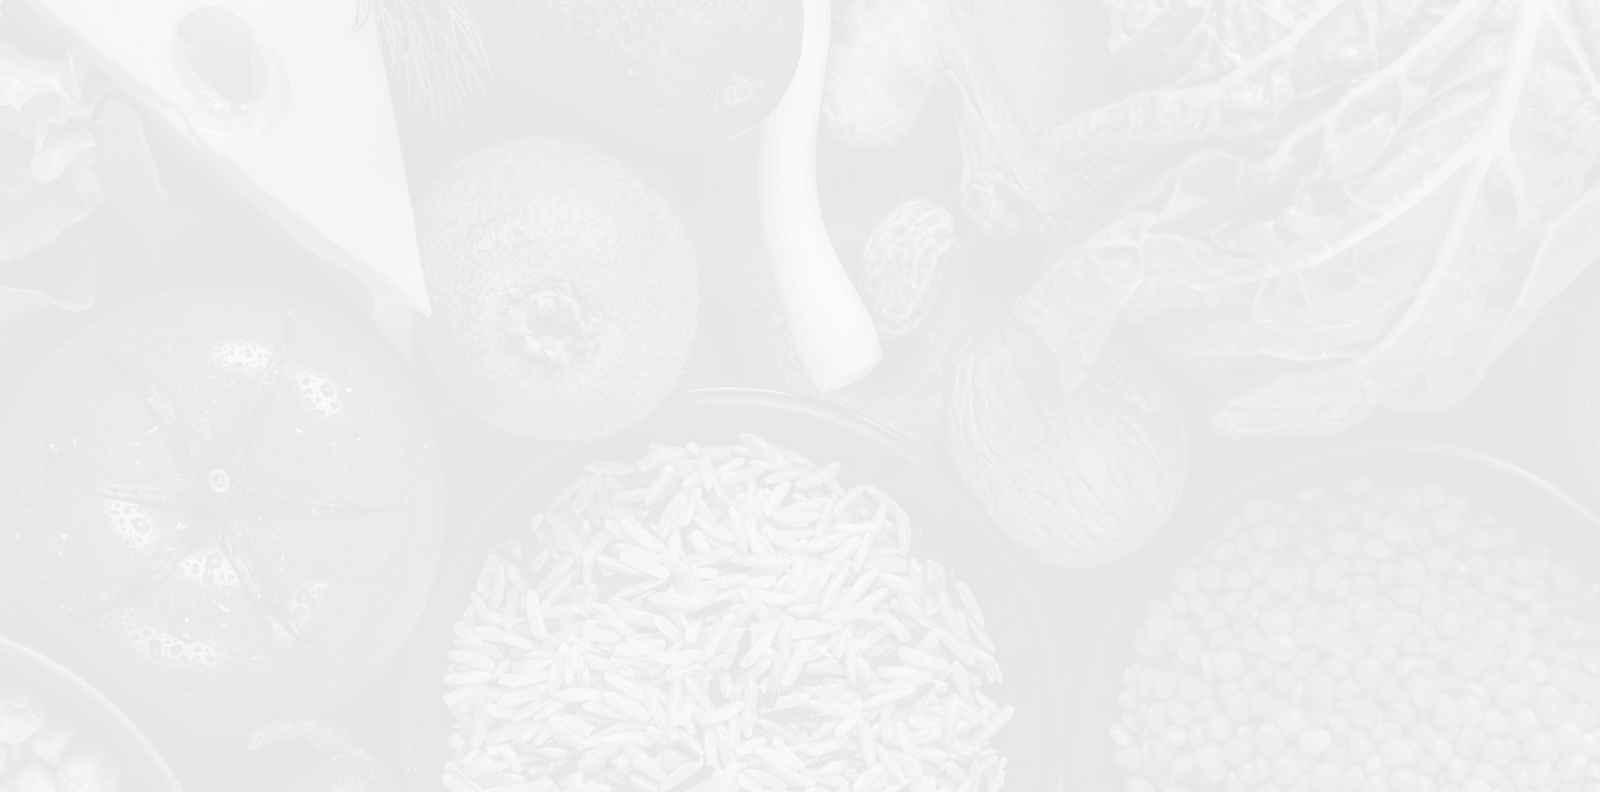 5 храни, които помагат за постигането на чиста и сияйна кожа